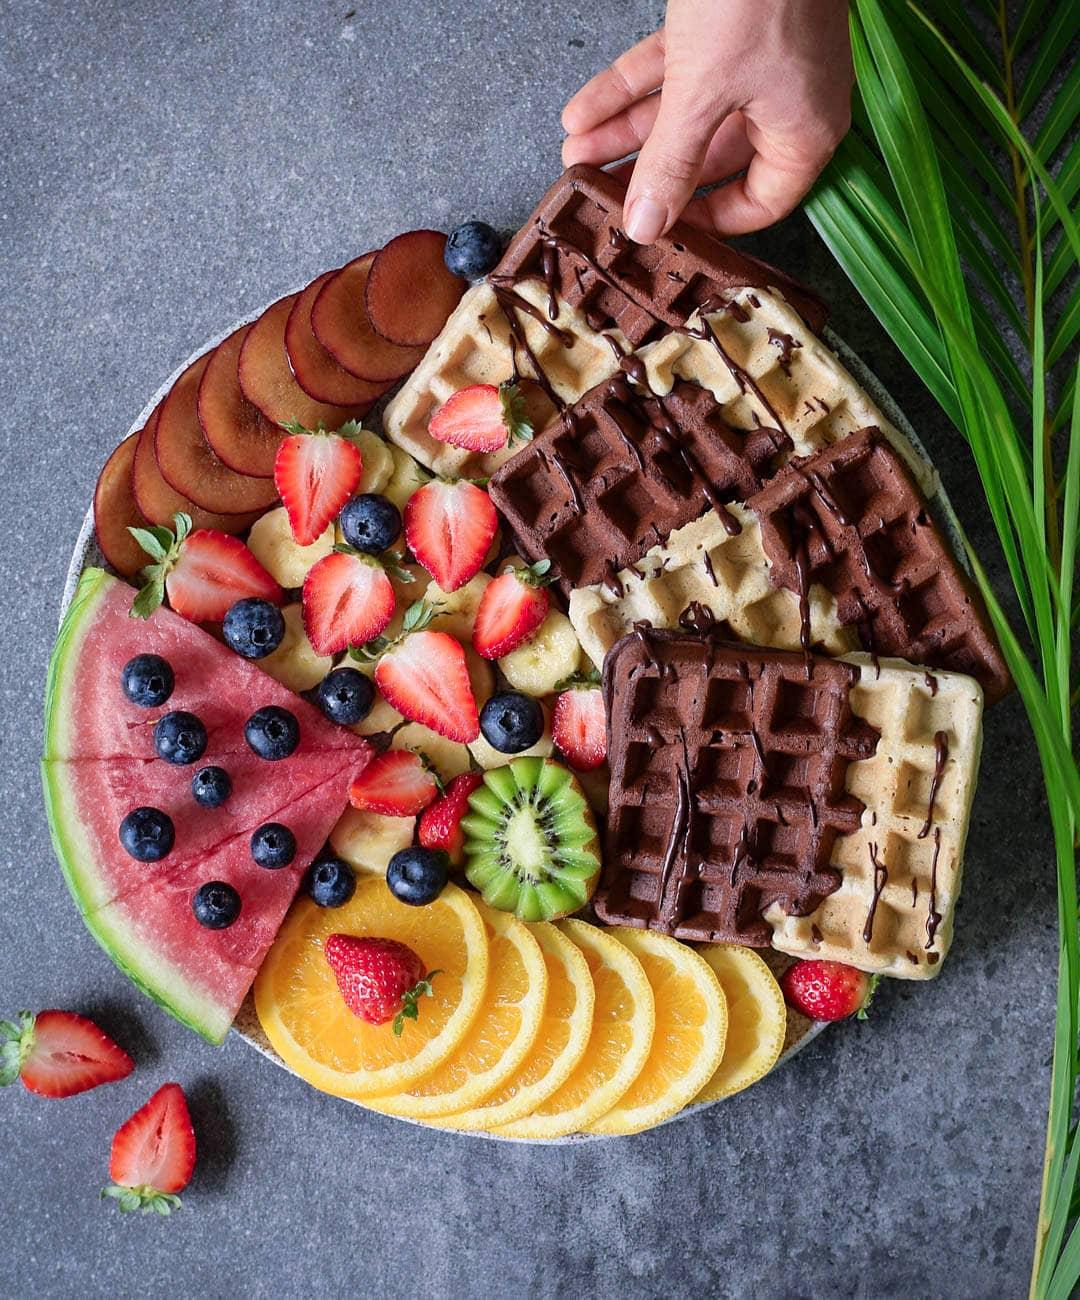 Vegane Waffeln mit Schokolade und Früchten. Das Rezept ist vegan, glutenfrei, pflanzlich, fettarm, milchfrei, eifrei und einfach zu machen